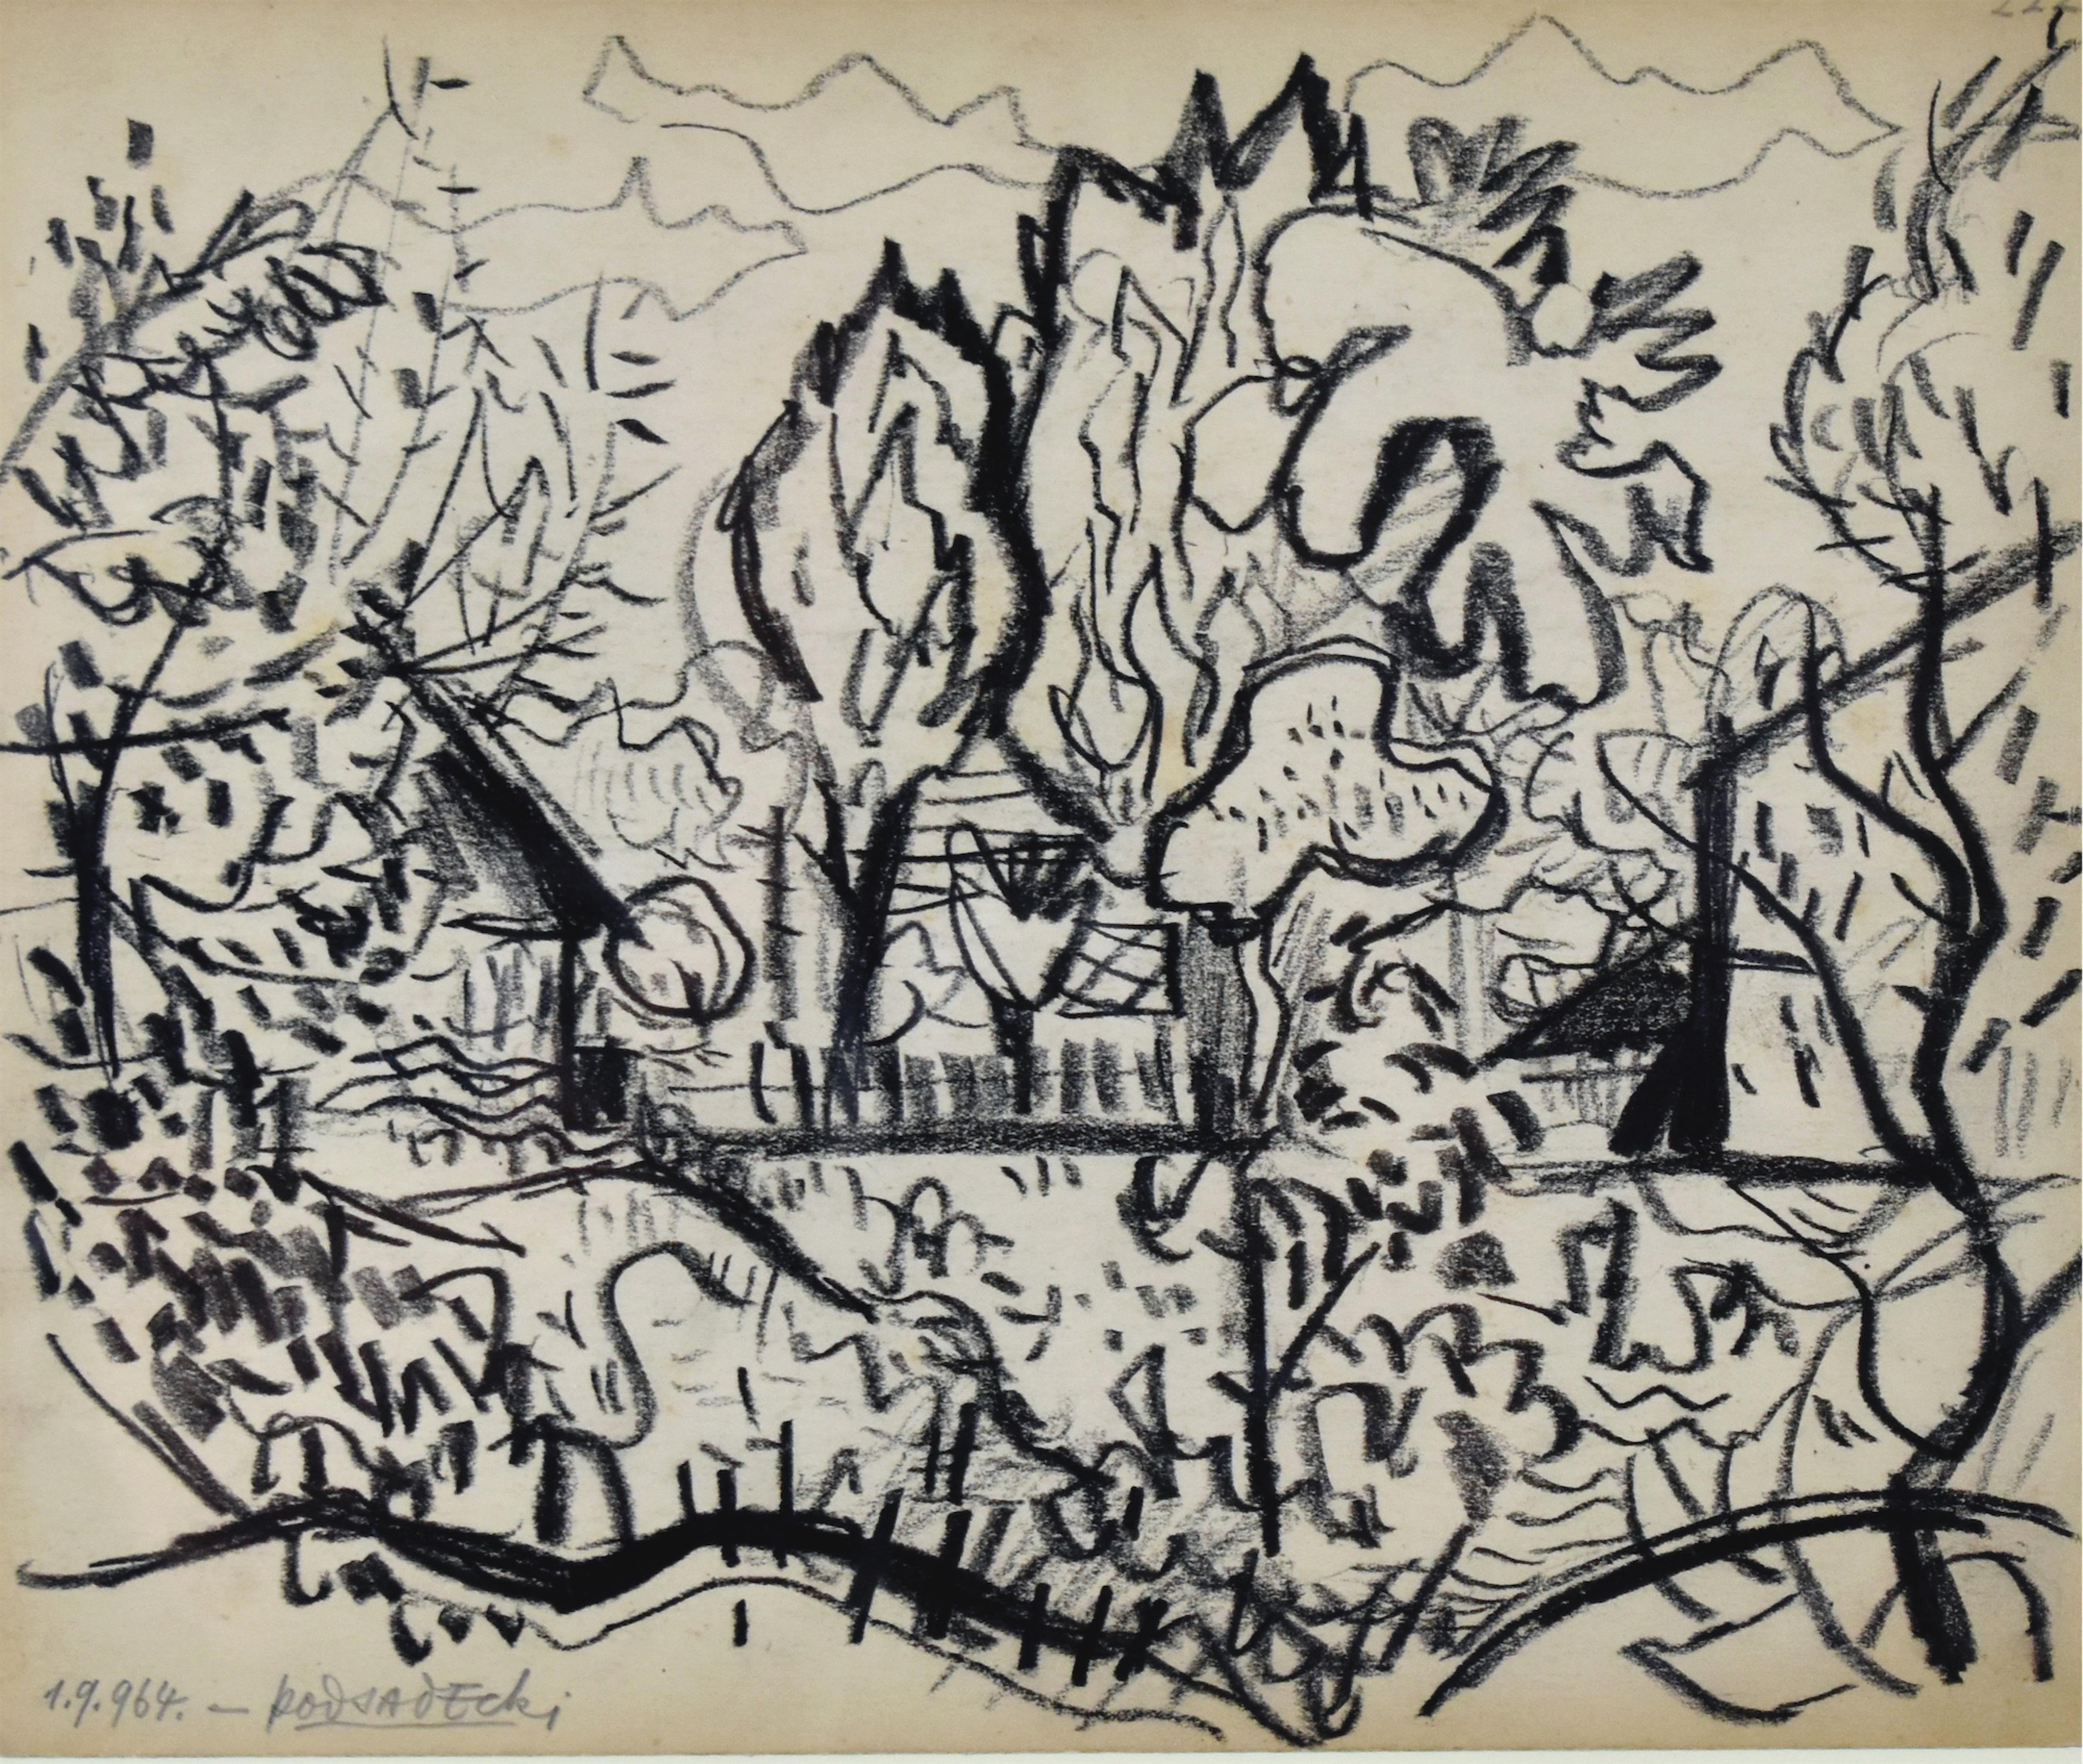 Pejzaż z drzewami - Park, 1964